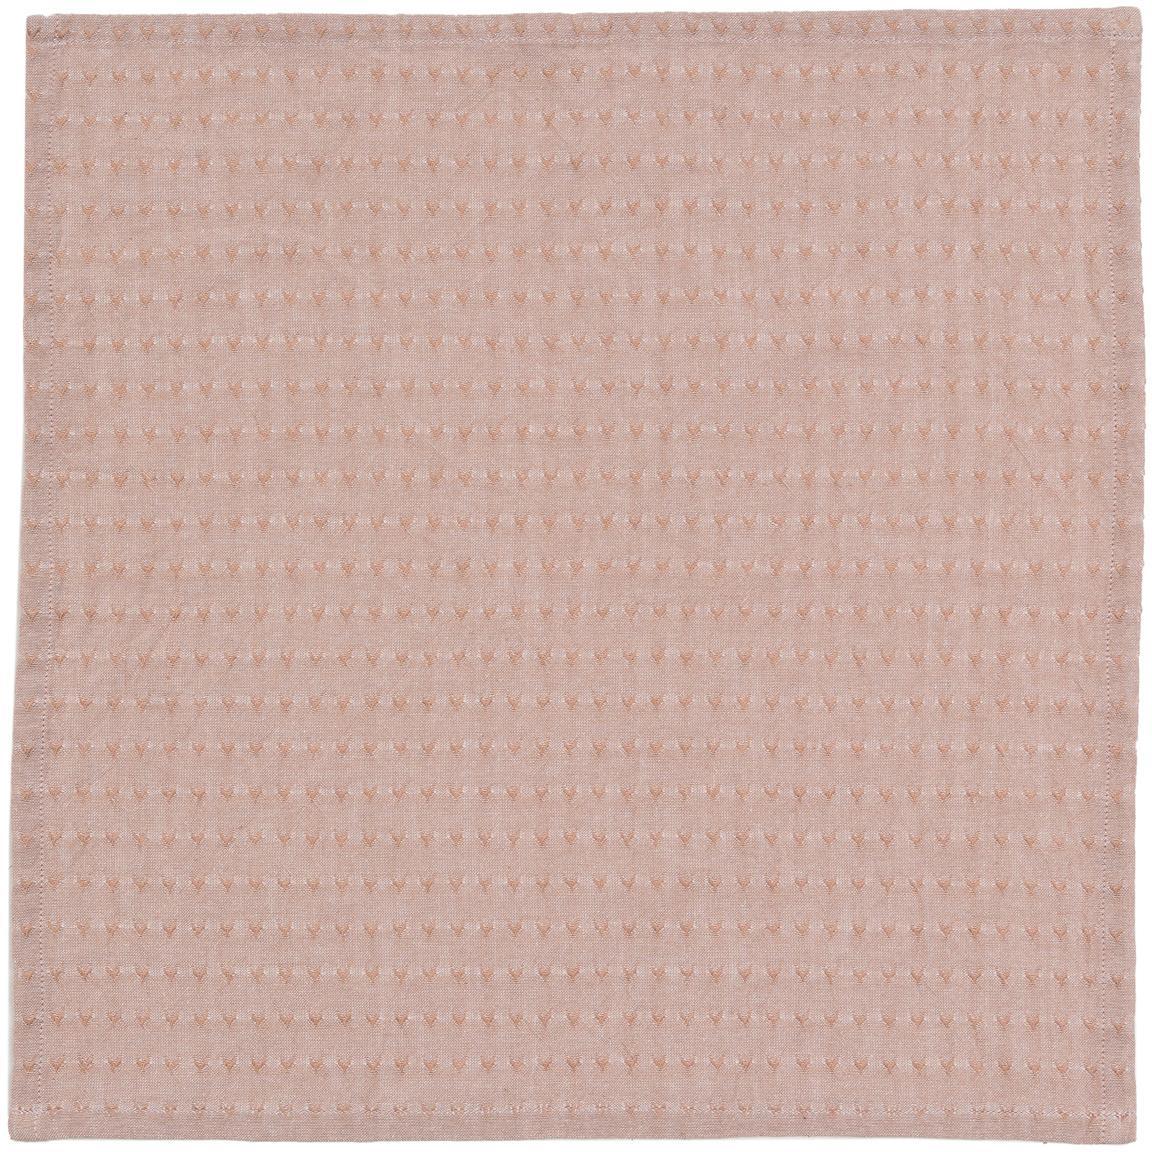 Servilletas de algodón Napel, 4uds., Algodón, Marrón, An 40 x L 40 cm